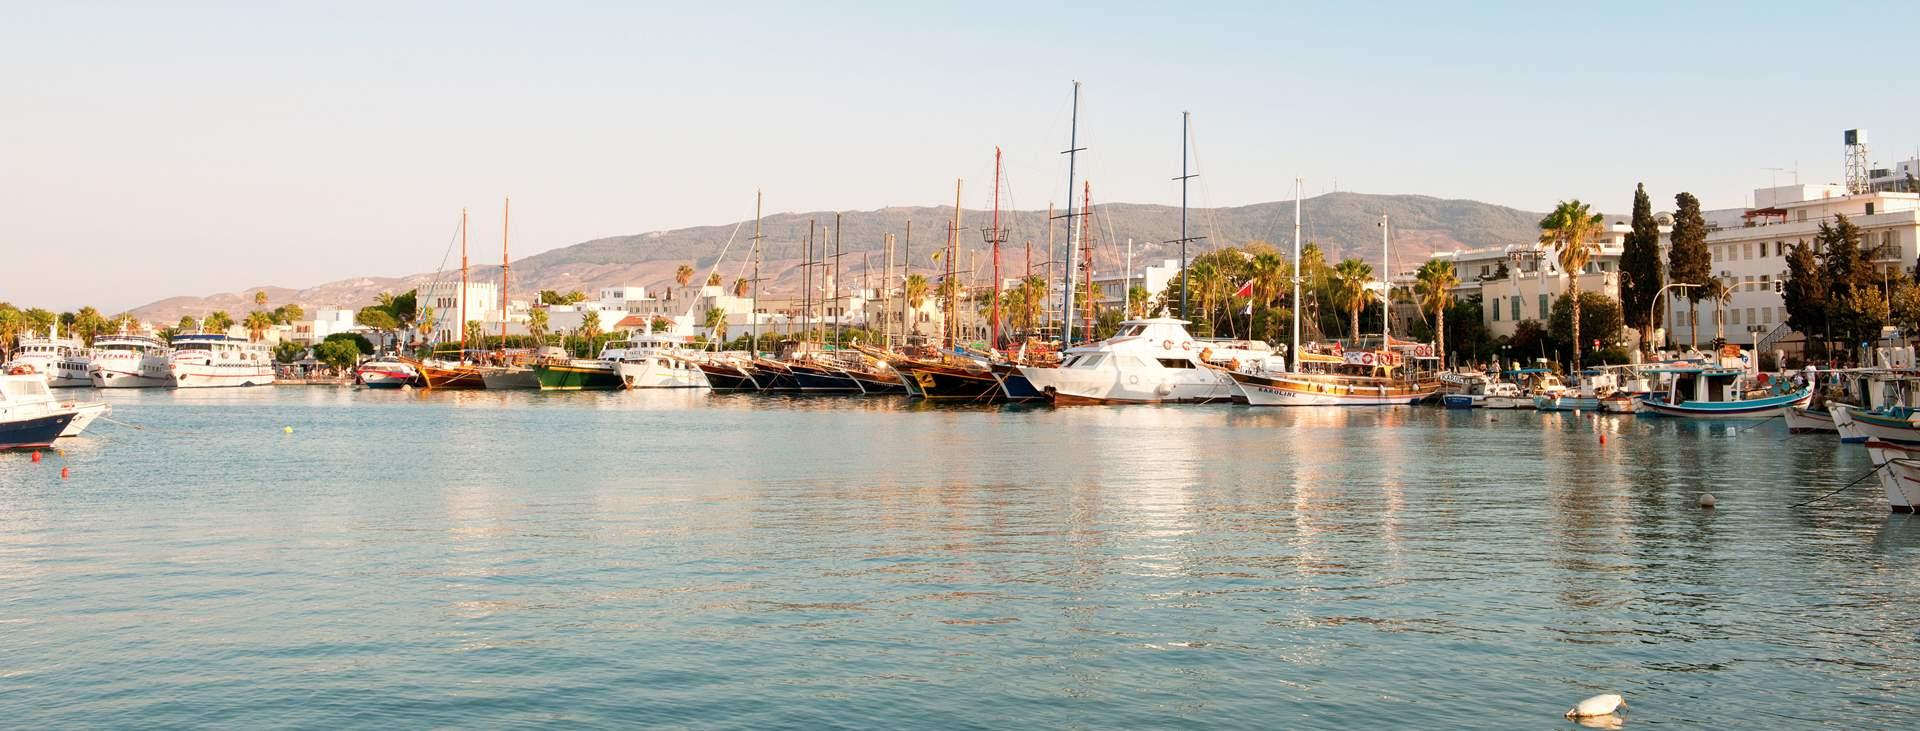 Kosin kaupunki Kreikassa ei selityksiä tarvitse - sopii sekä perheille että myös bilettäjille